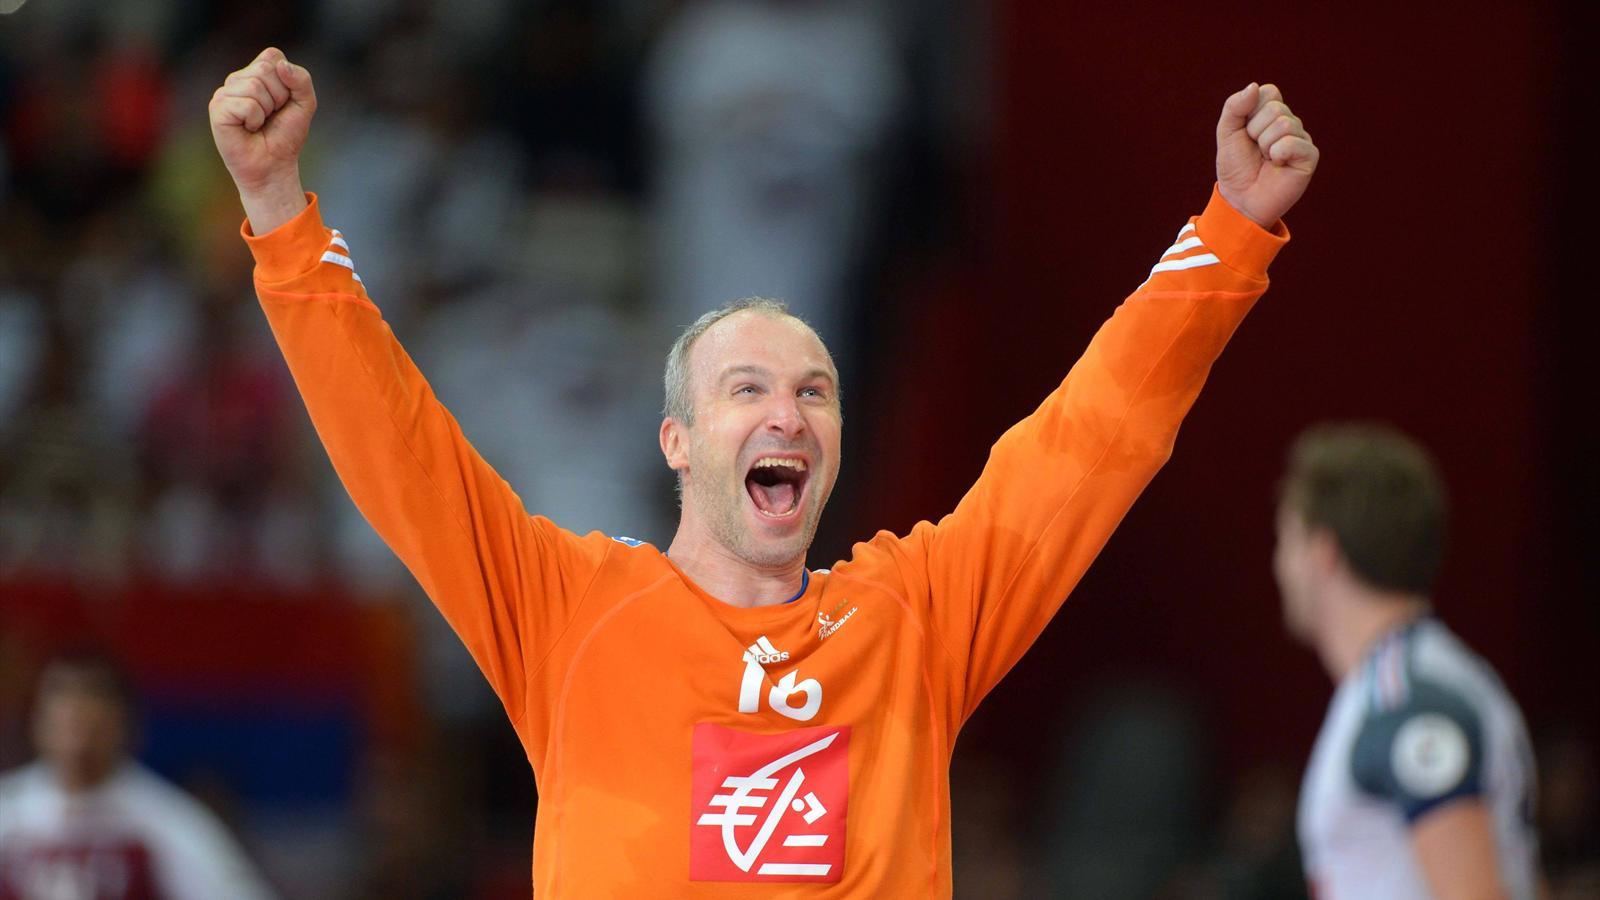 Mondial 2015 thierry omeyer la victoire dans la peau - Finale coupe du monde 2015 handball ...